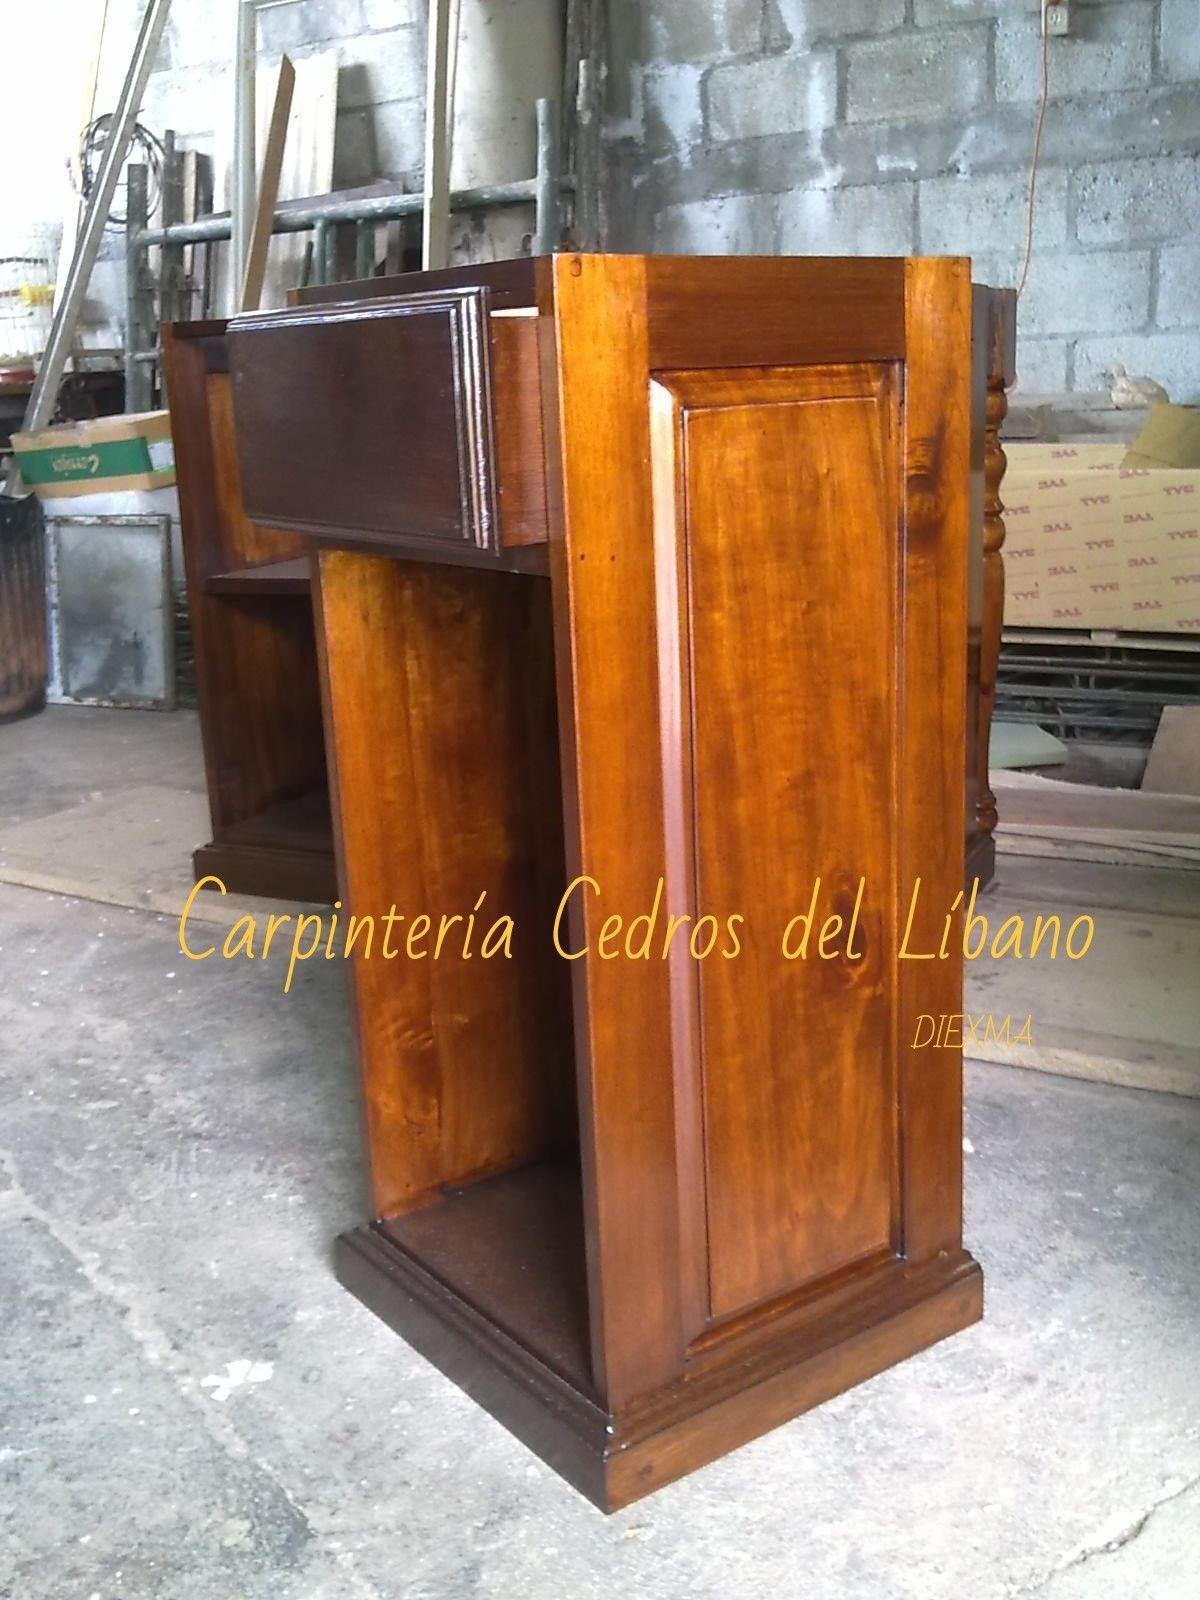 Mueble De Cedro Con Su Gaveta A N Falta Que Instalarle La Puerta  # Muebles Cedro Y Nogal